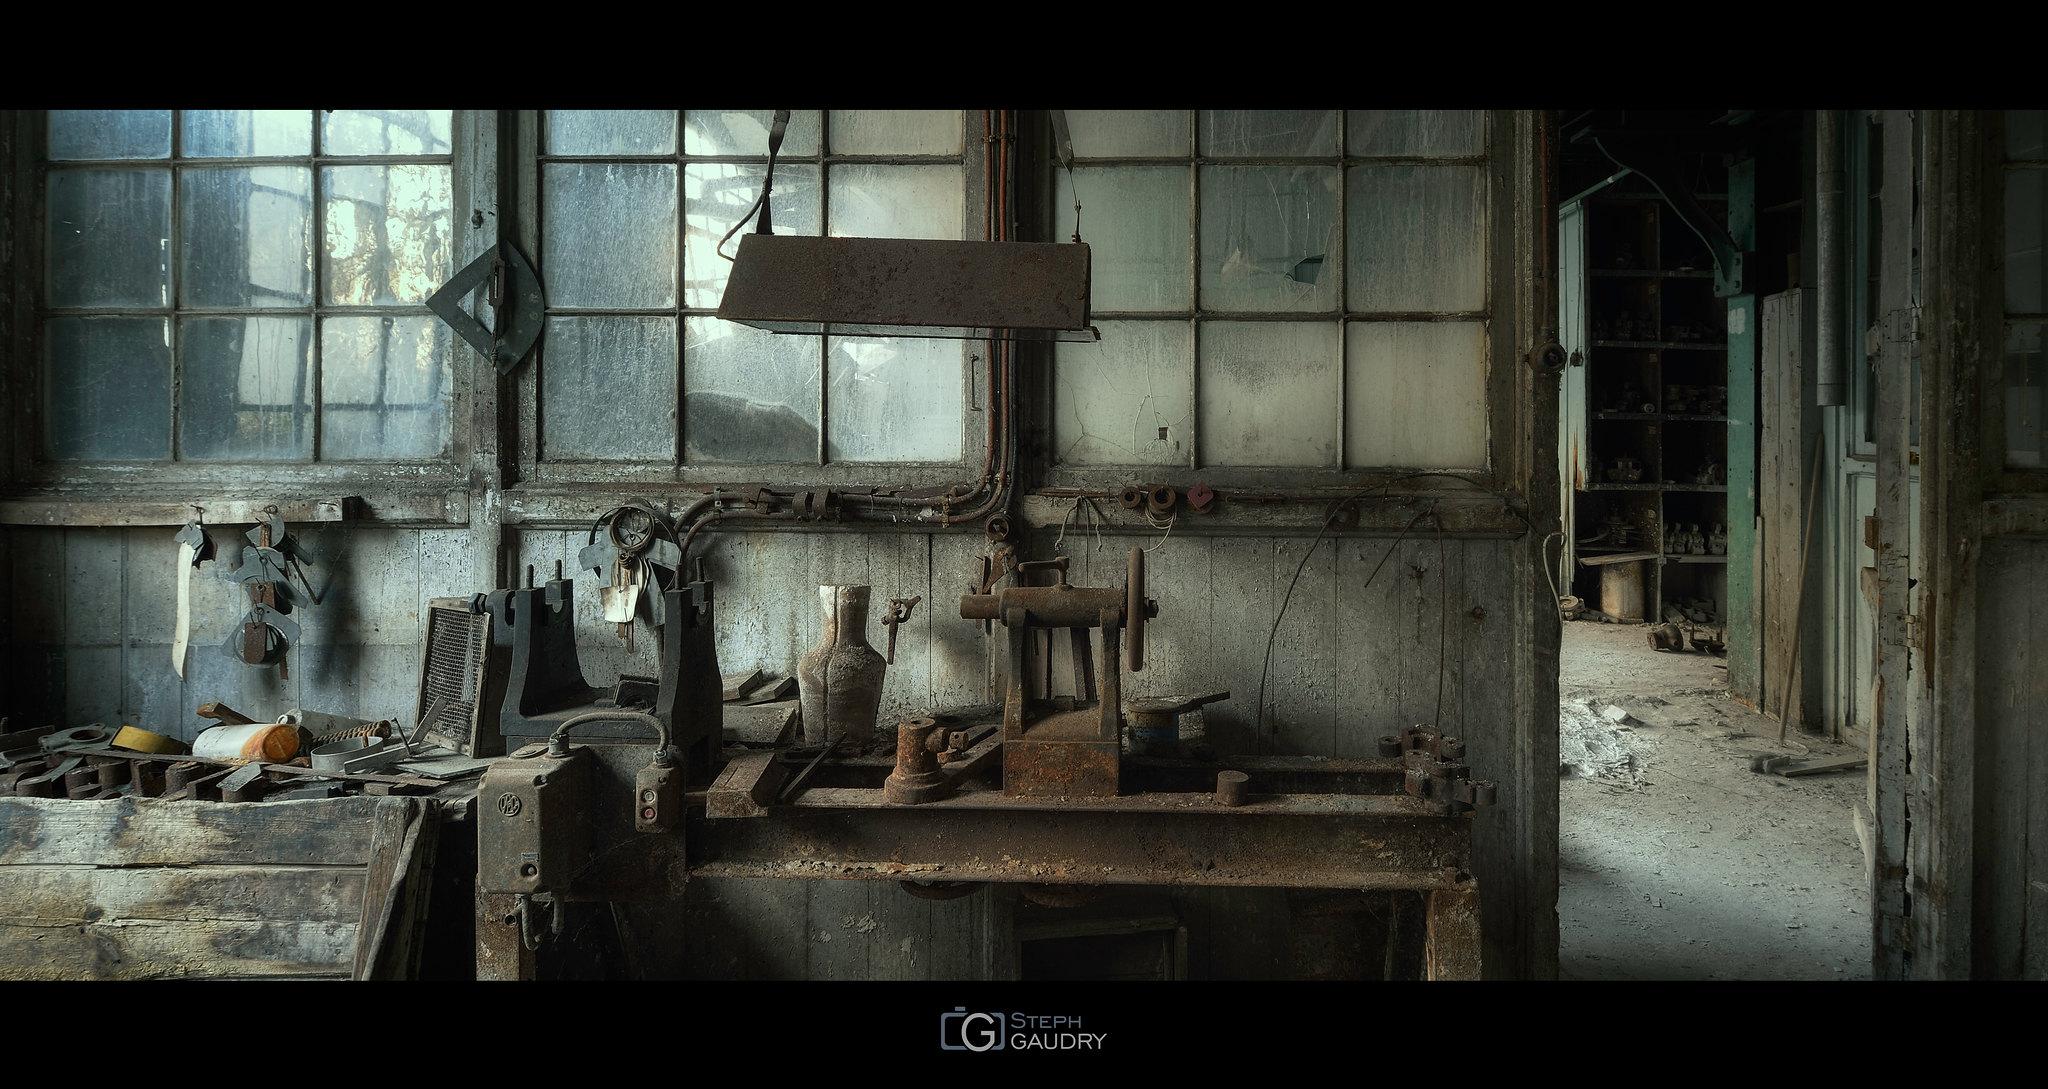 La cristallerie - établi de tournage [Click to start slideshow]